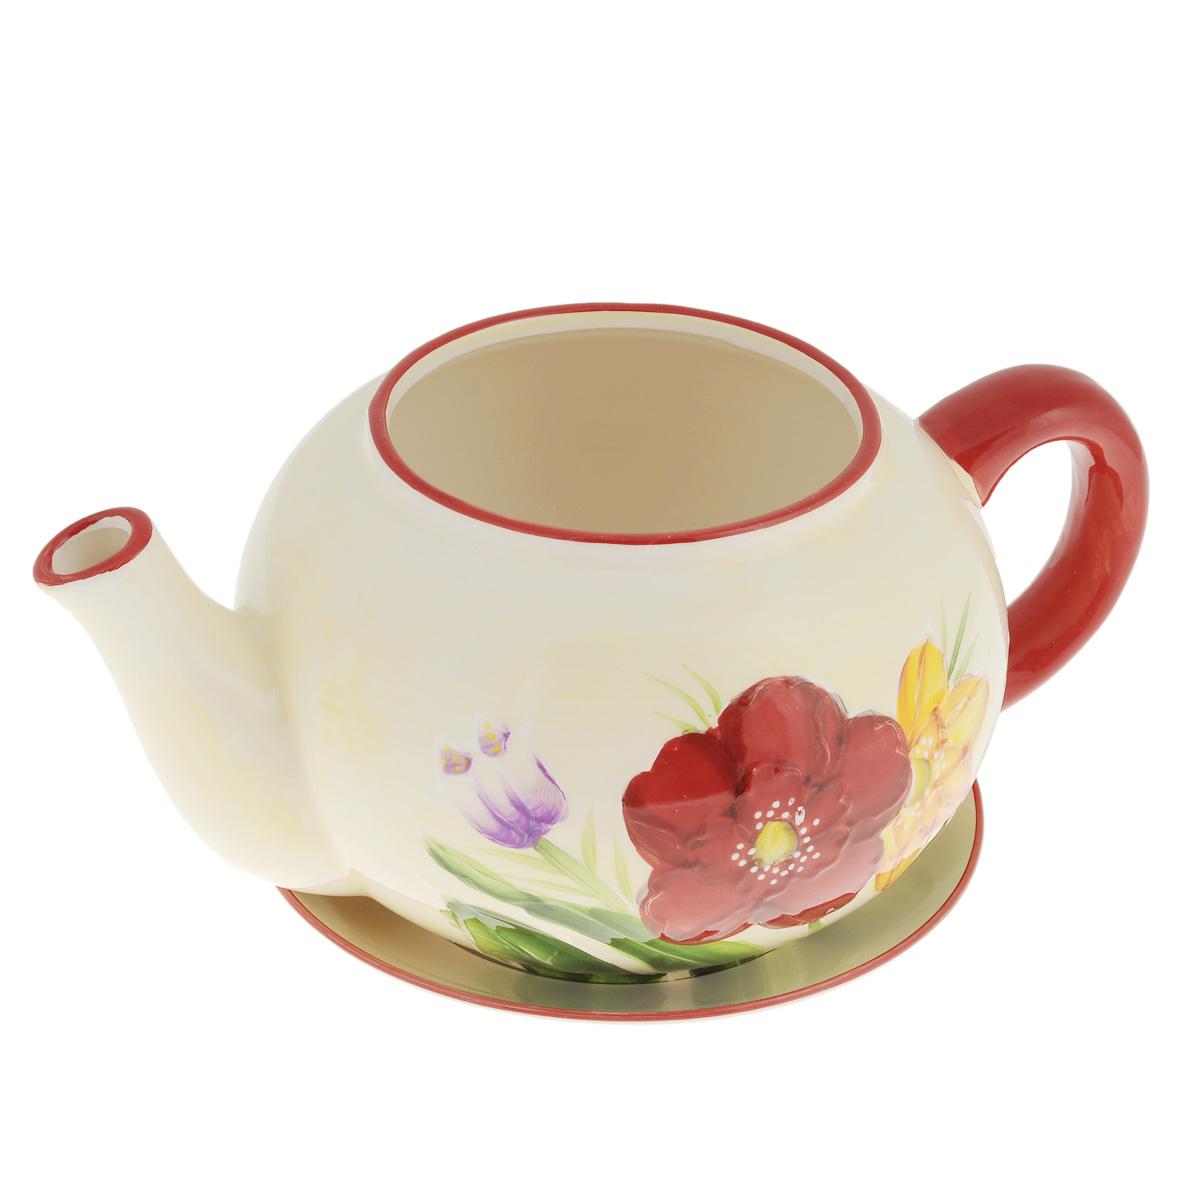 Кашпо Lillo Заварочный чайник, с поддоном. XY10S015-1EKOC_SOL249_G4Кашпо-горшок для цветов Lillo Заварочный чайник выполнен из прочной керамики и декорирован красочным рисунком. Изделие предназначено для цветов.Такие изделия часто становятся последним штрихом, который совершенно изменяет интерьер помещения или ландшафтный дизайн сада. Благодаря такому кашпо вы сможете украсить вашу комнату, офис, сад и другие места. Изделие оснащено специальным поддоном - блюдцем.Диаметр кашпо по верхнему краю: 12 см.Высота кашпо (без учета поддона): 14 см.Диаметр поддона: 20,5 см.